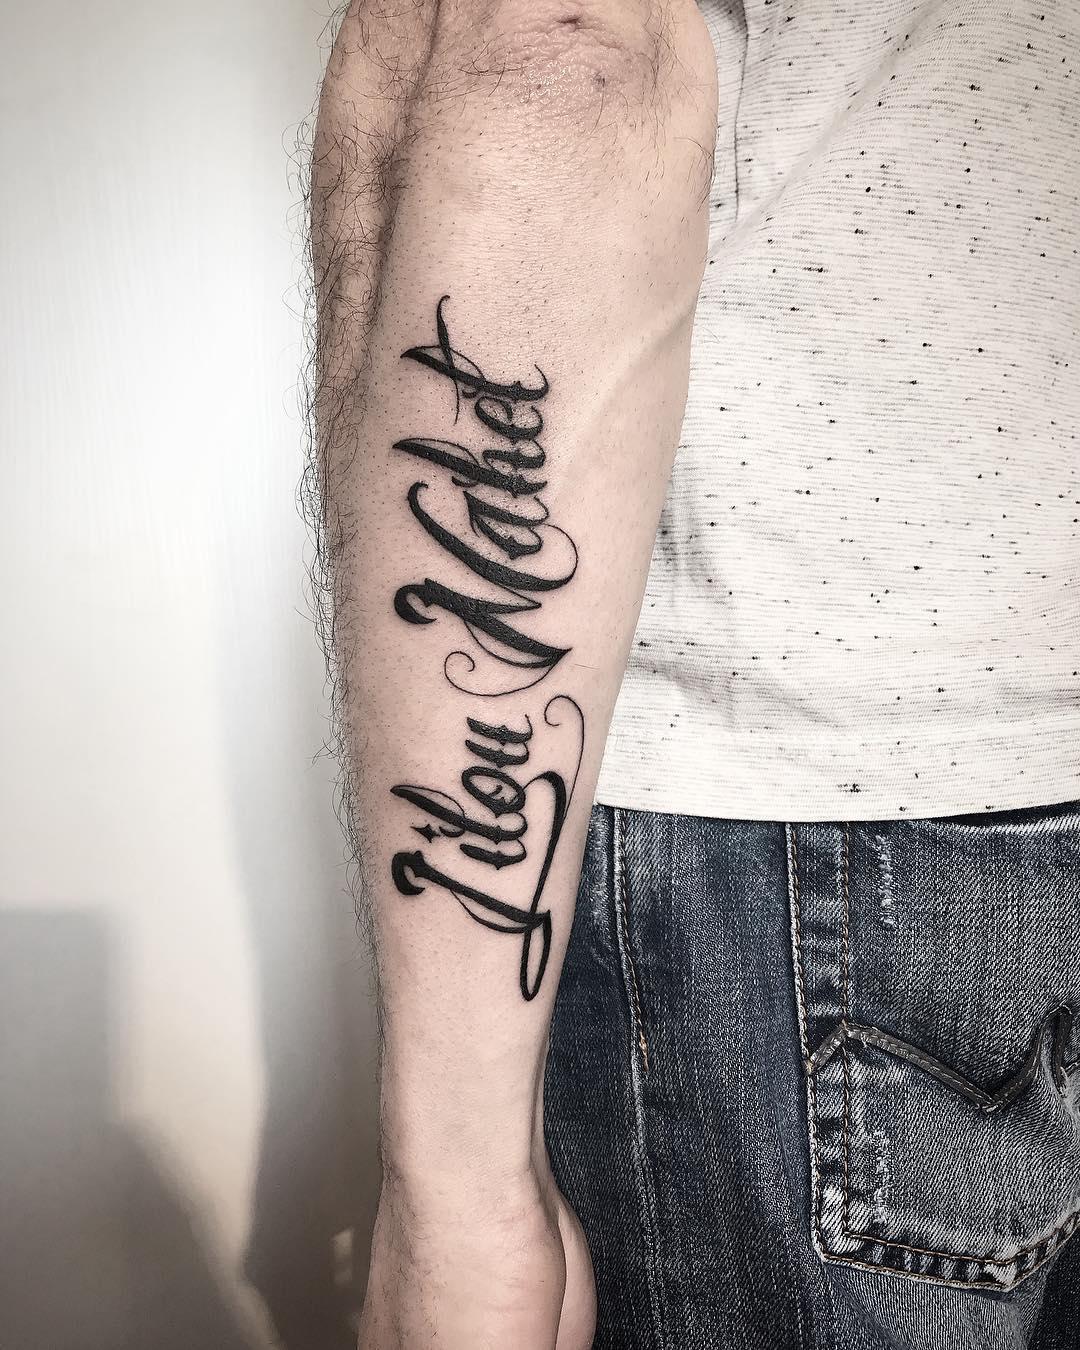 劳先生小臂奇卡诺花体字纹身图案图片